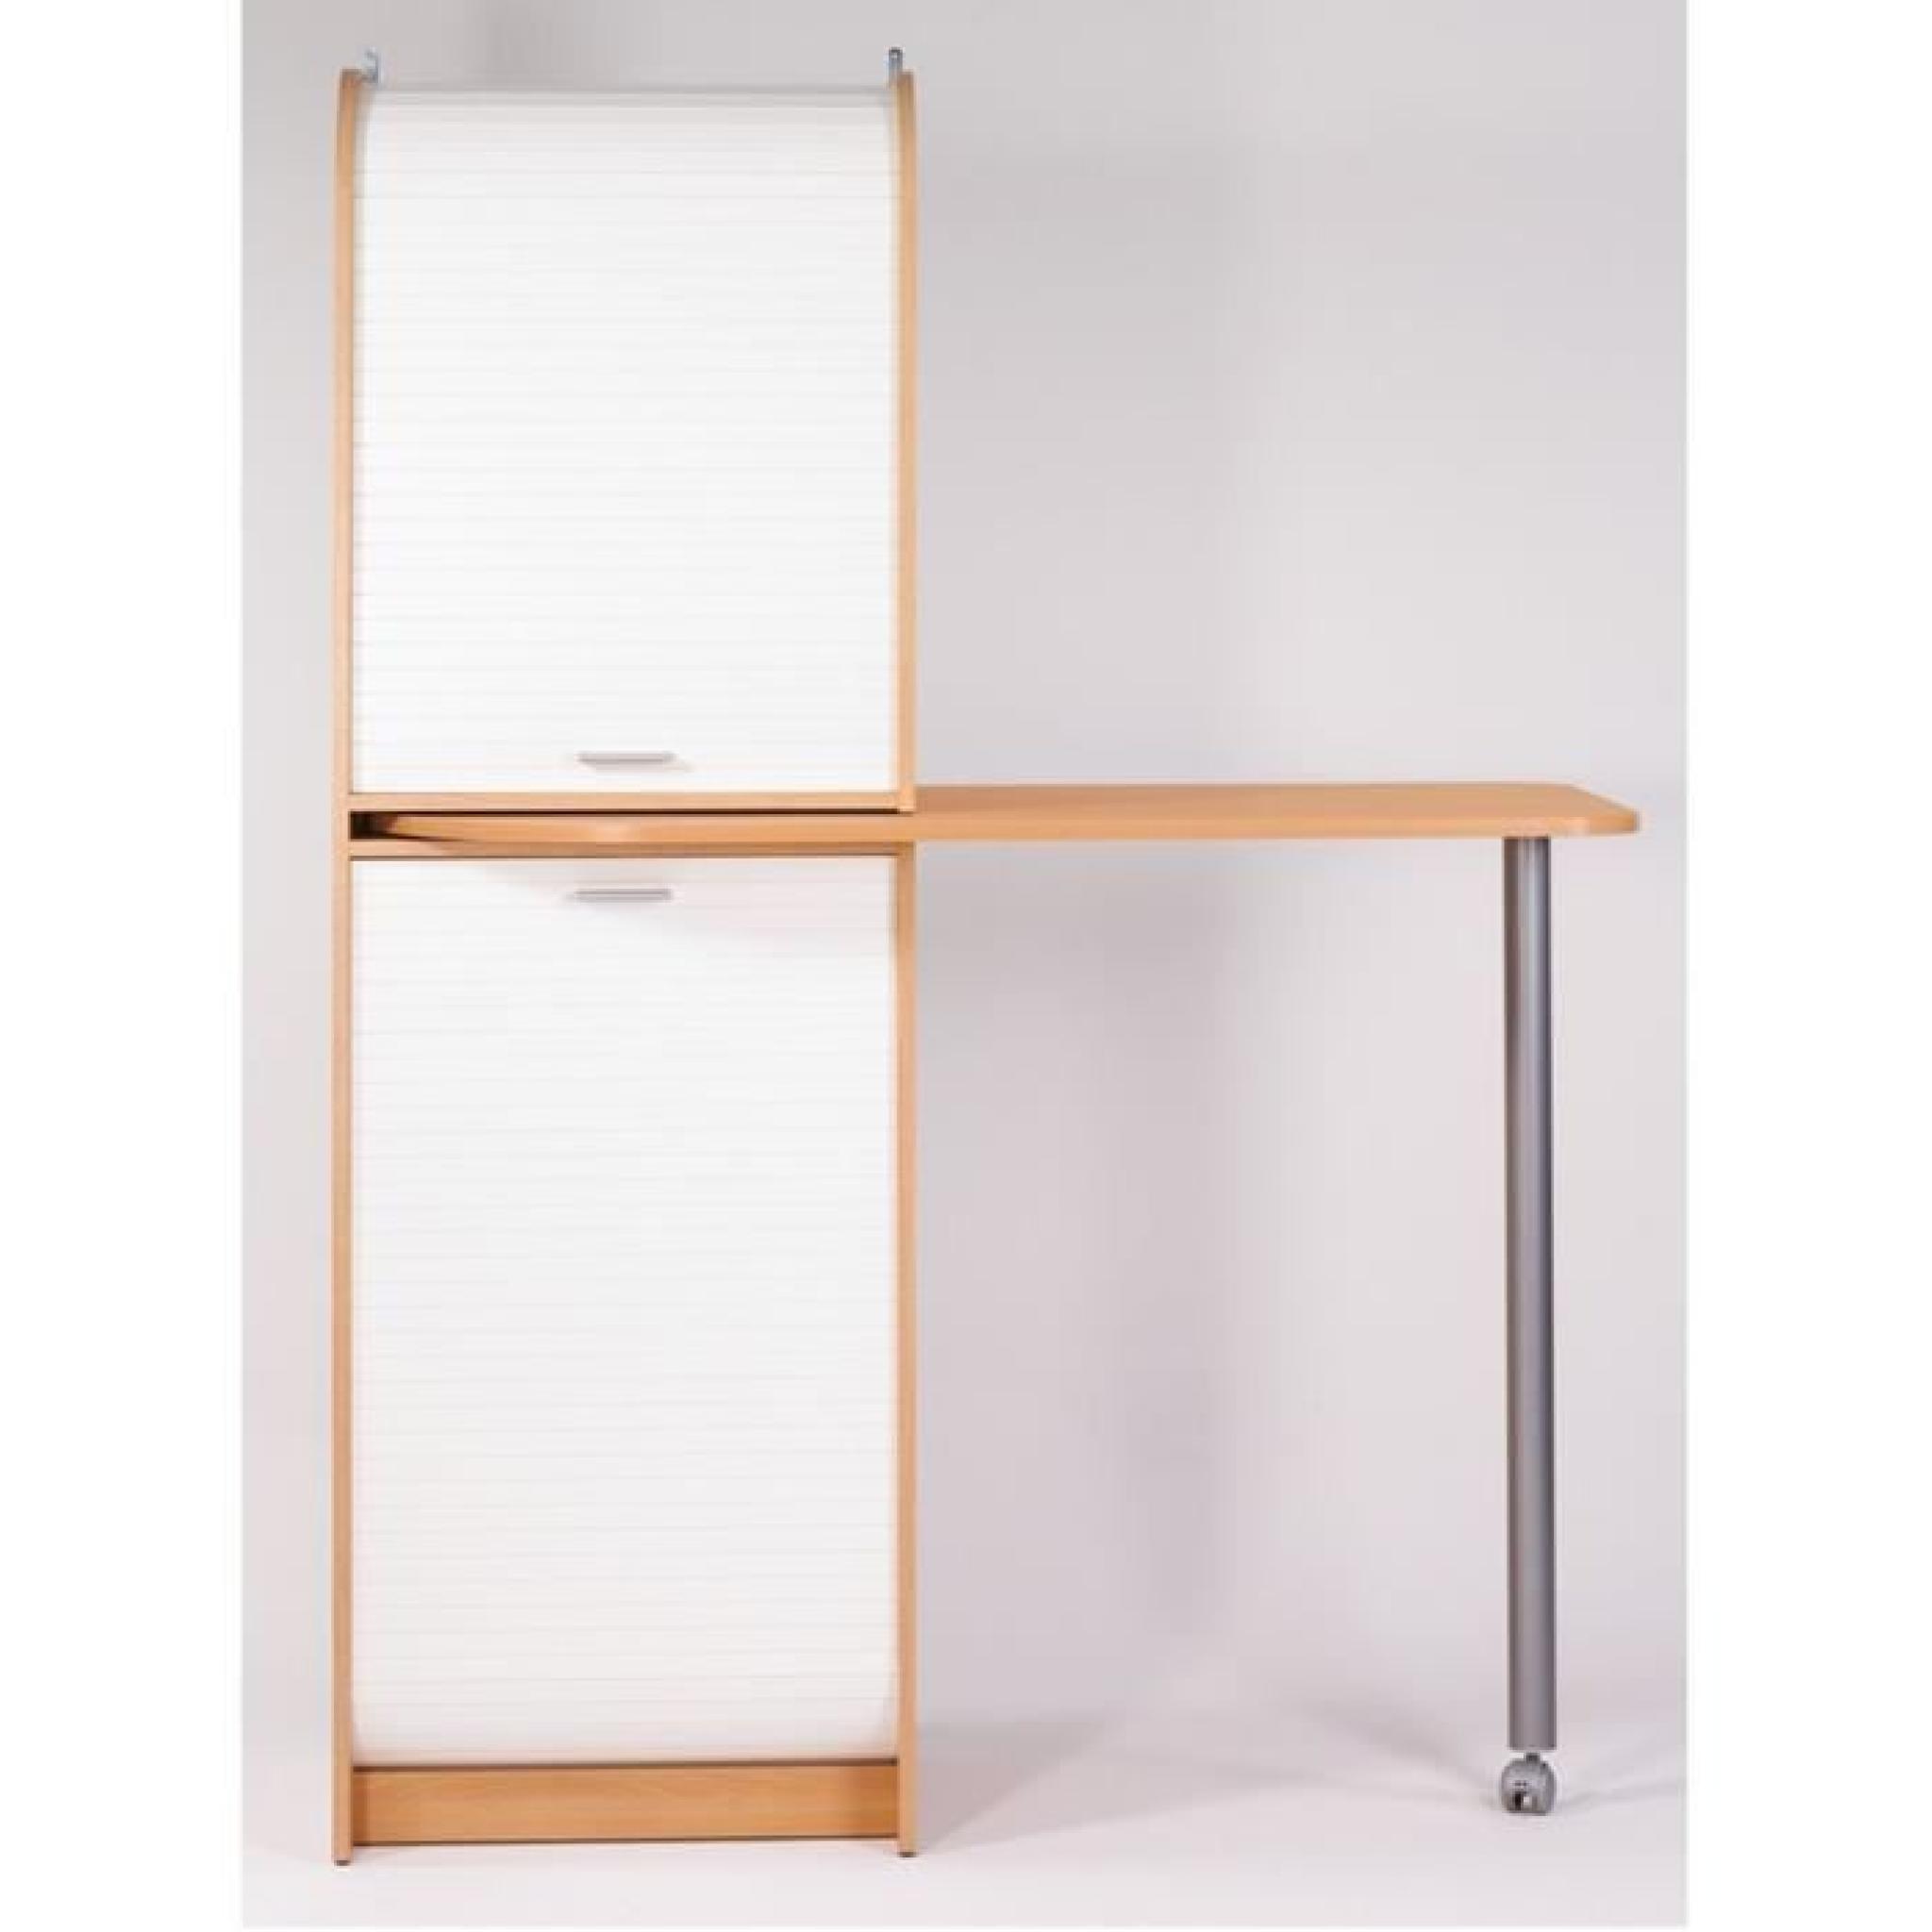 Snack meuble de rangement et table de cuisine 131 1 cm for Meuble de cuisine table